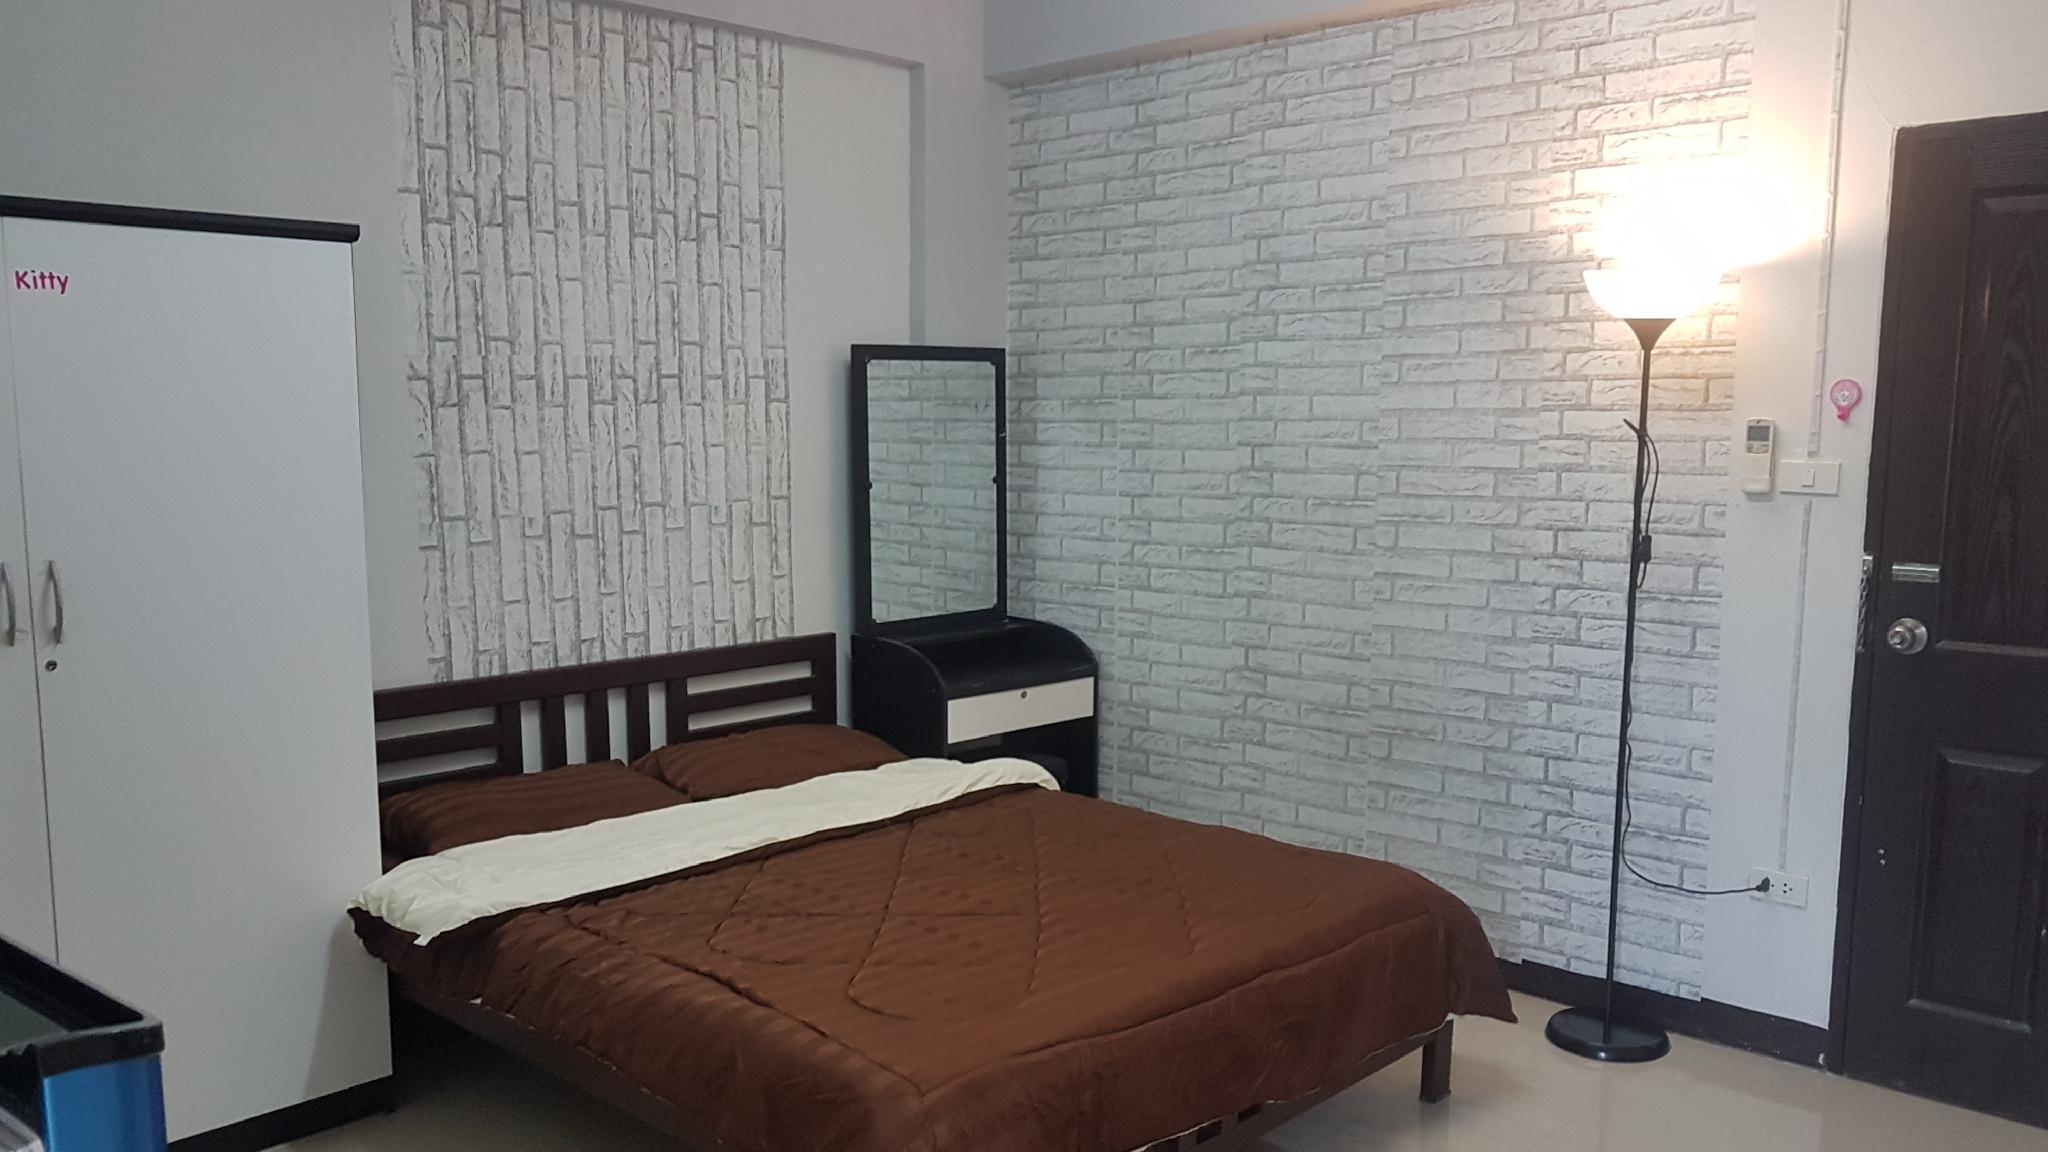 ST Apartment No.12 อพาร์ตเมนต์ 1 ห้องนอน 1 ห้องน้ำส่วนตัว ขนาด 20 ตร.ม. – สามพราน